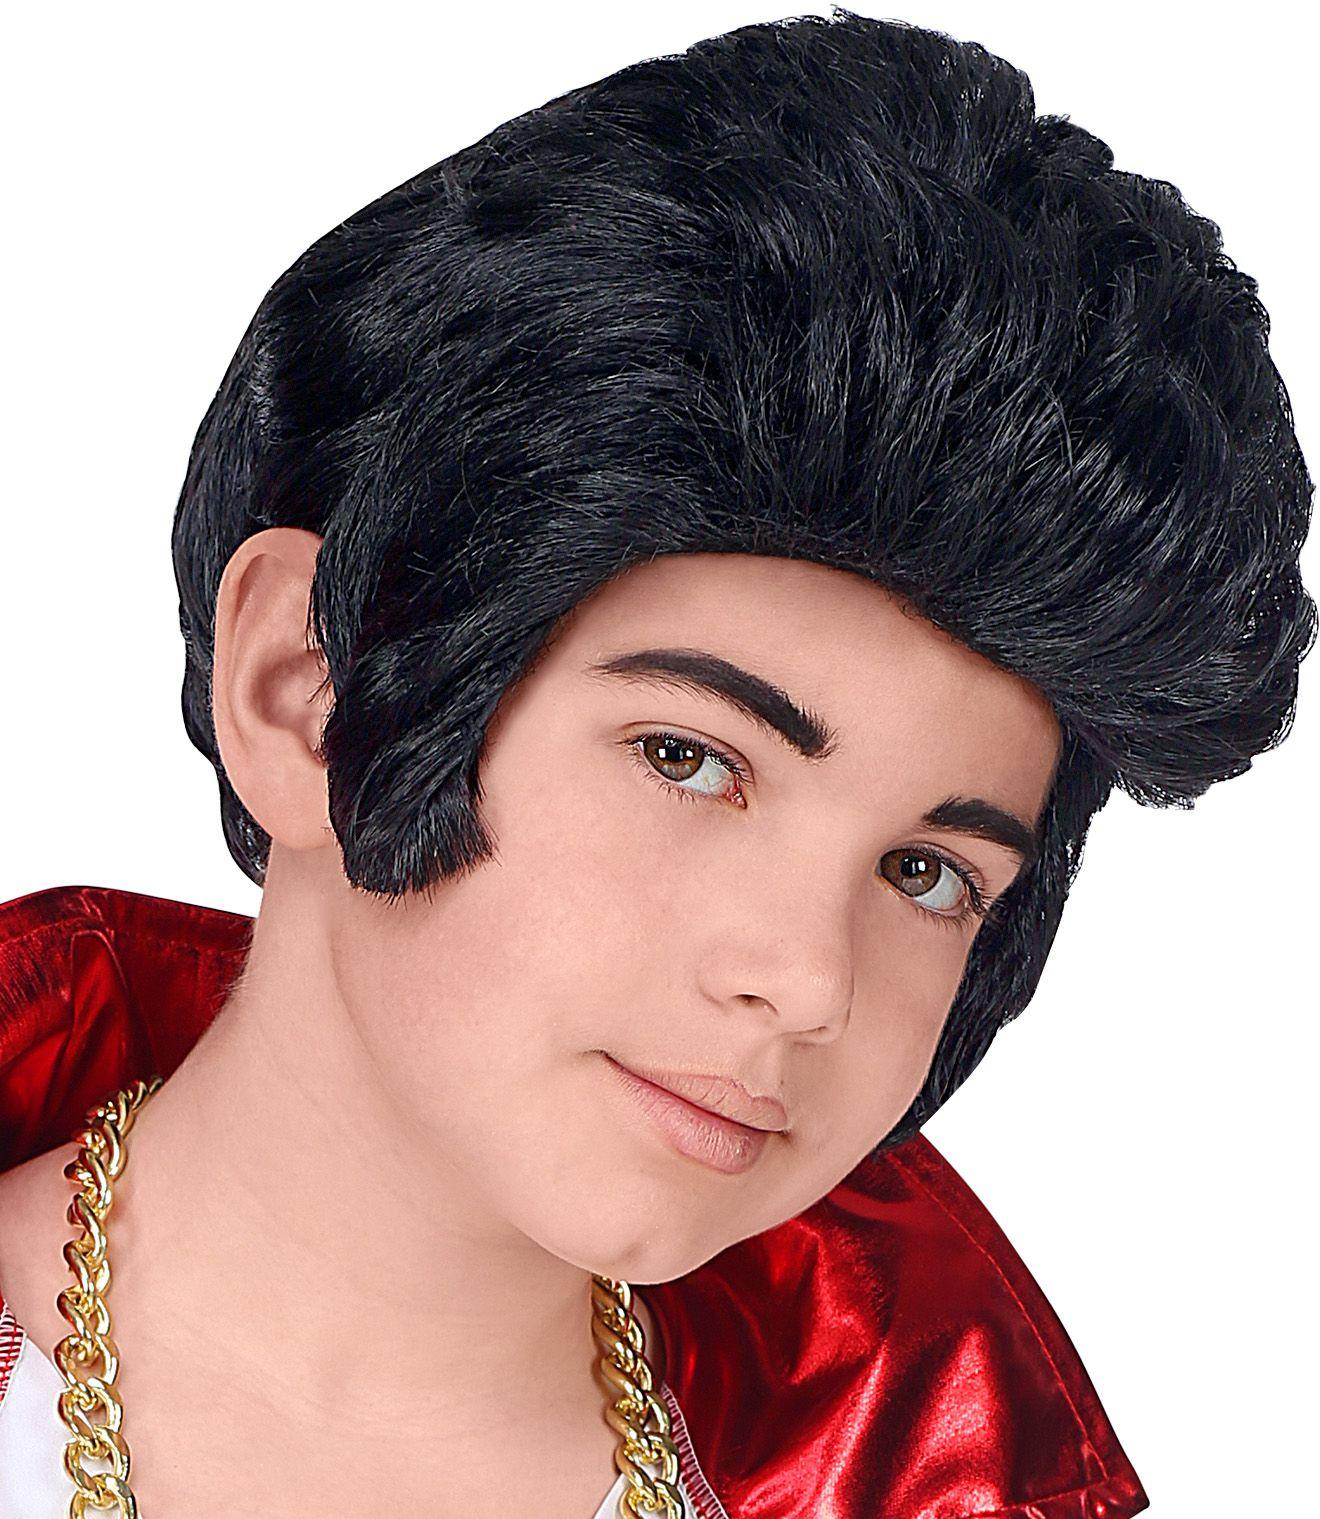 Elvis Presley Rock and Roll pruik